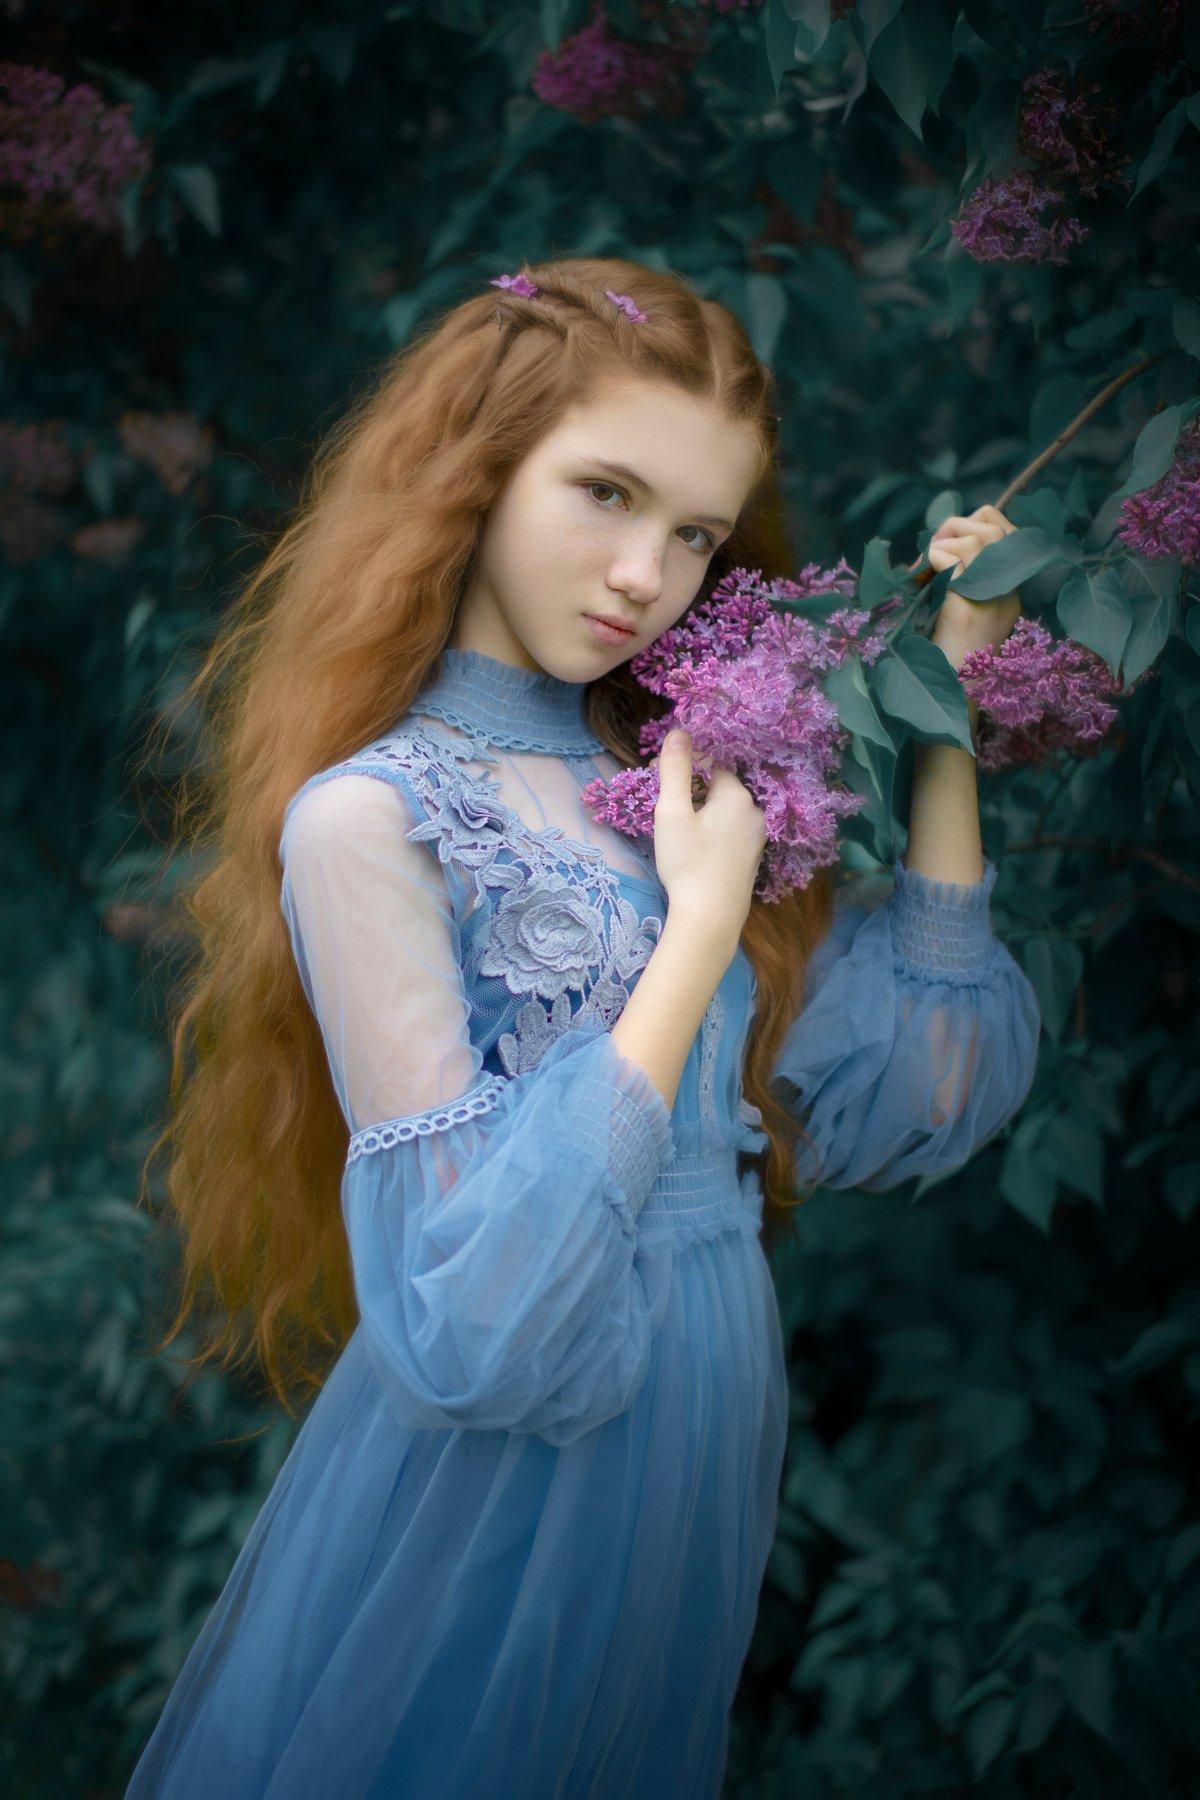 артфото, фотографмосква, сирень, художественнаяфотография, Fedorova Evgeniya